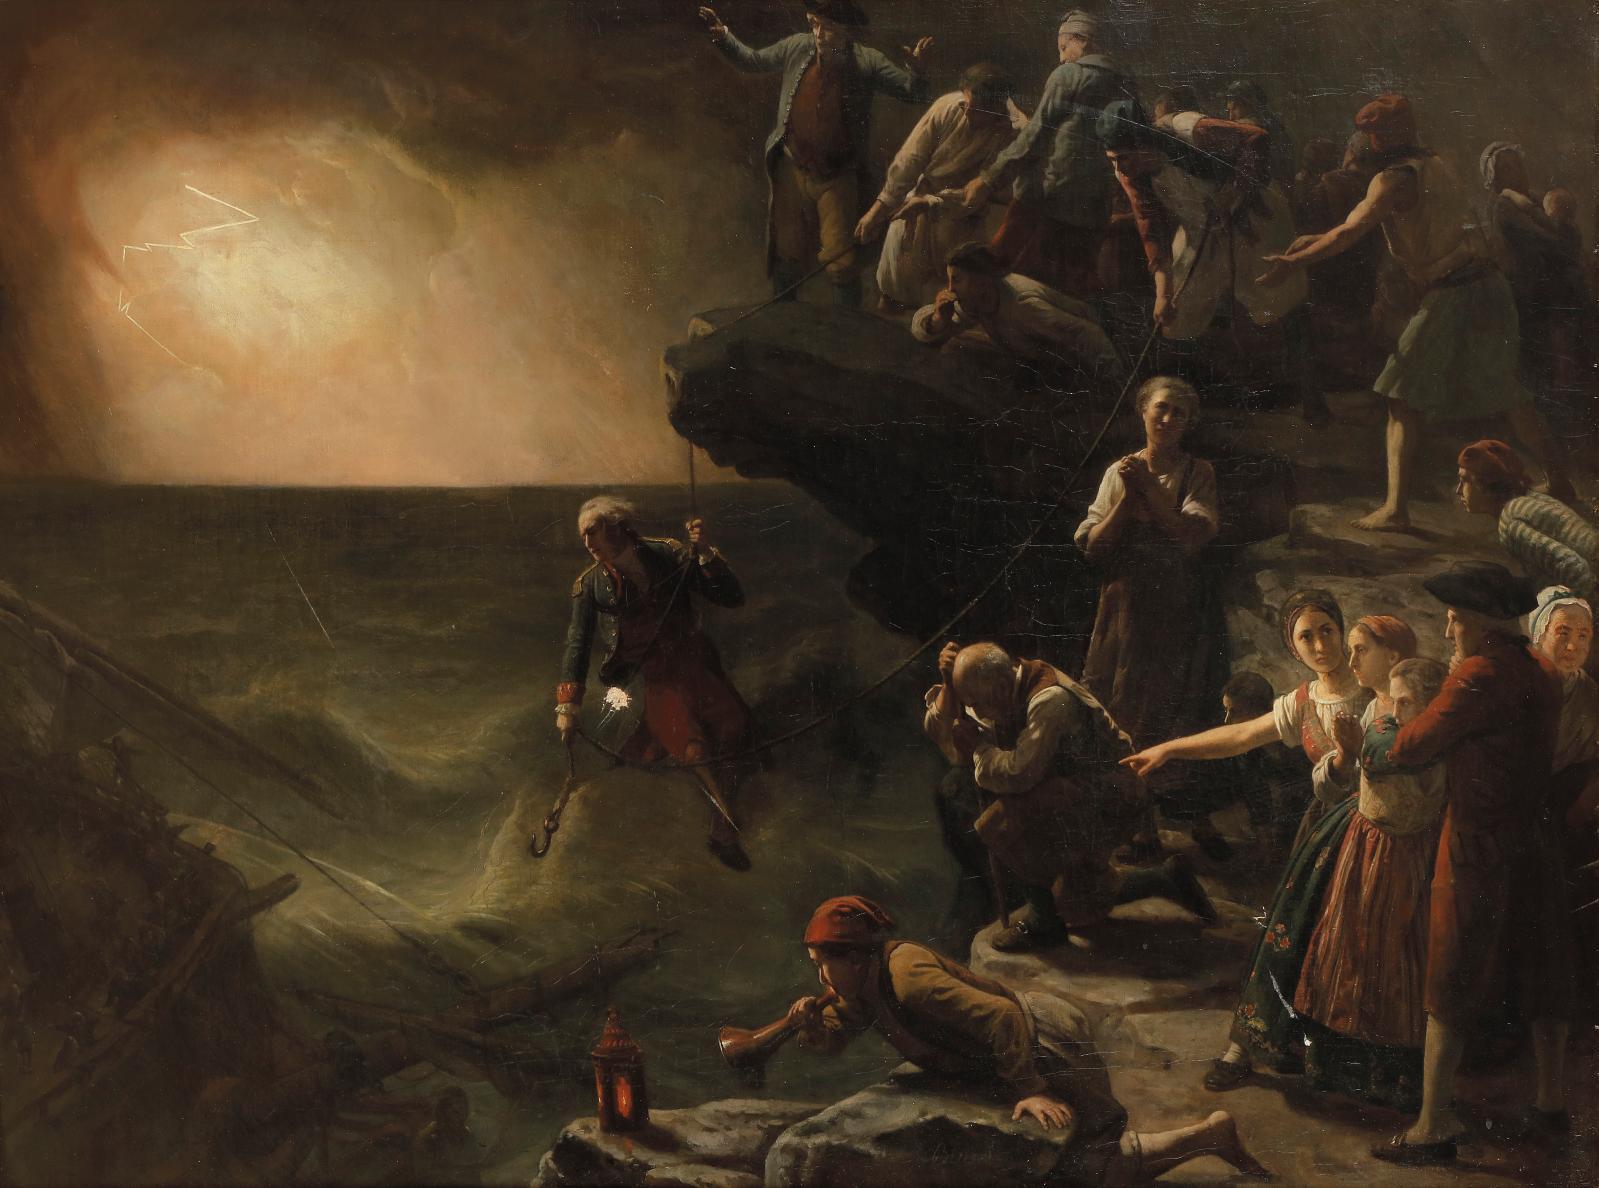 François Auguste Biard (1799-1882), Scène de naufrage en Norvège, huile sur toile, 85x112cm, Paris, Drouot, 19 décembre 2018. Ader OVV.